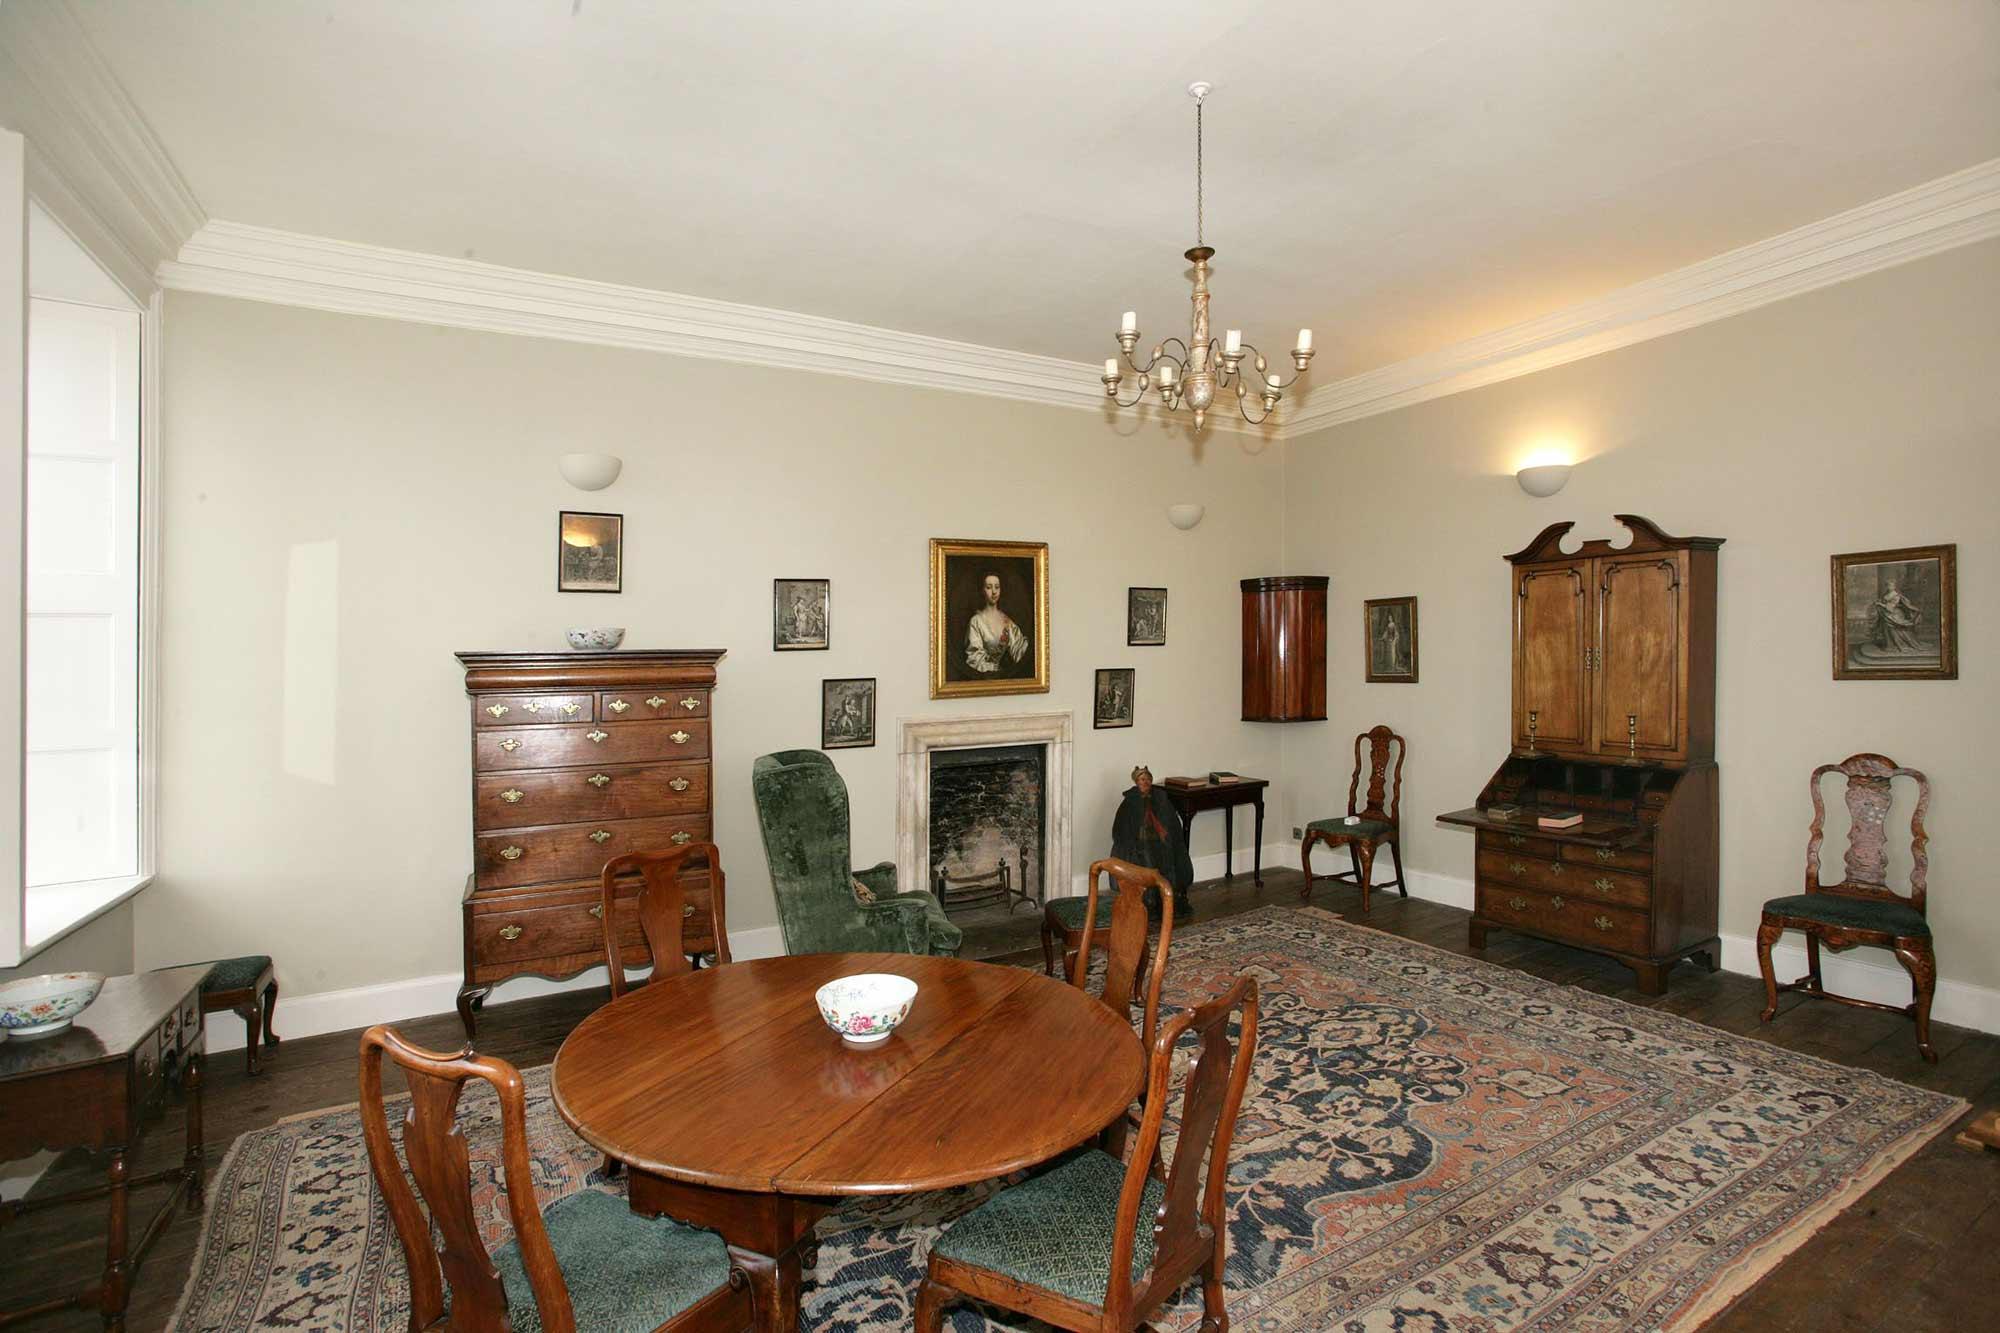 Damer House interior